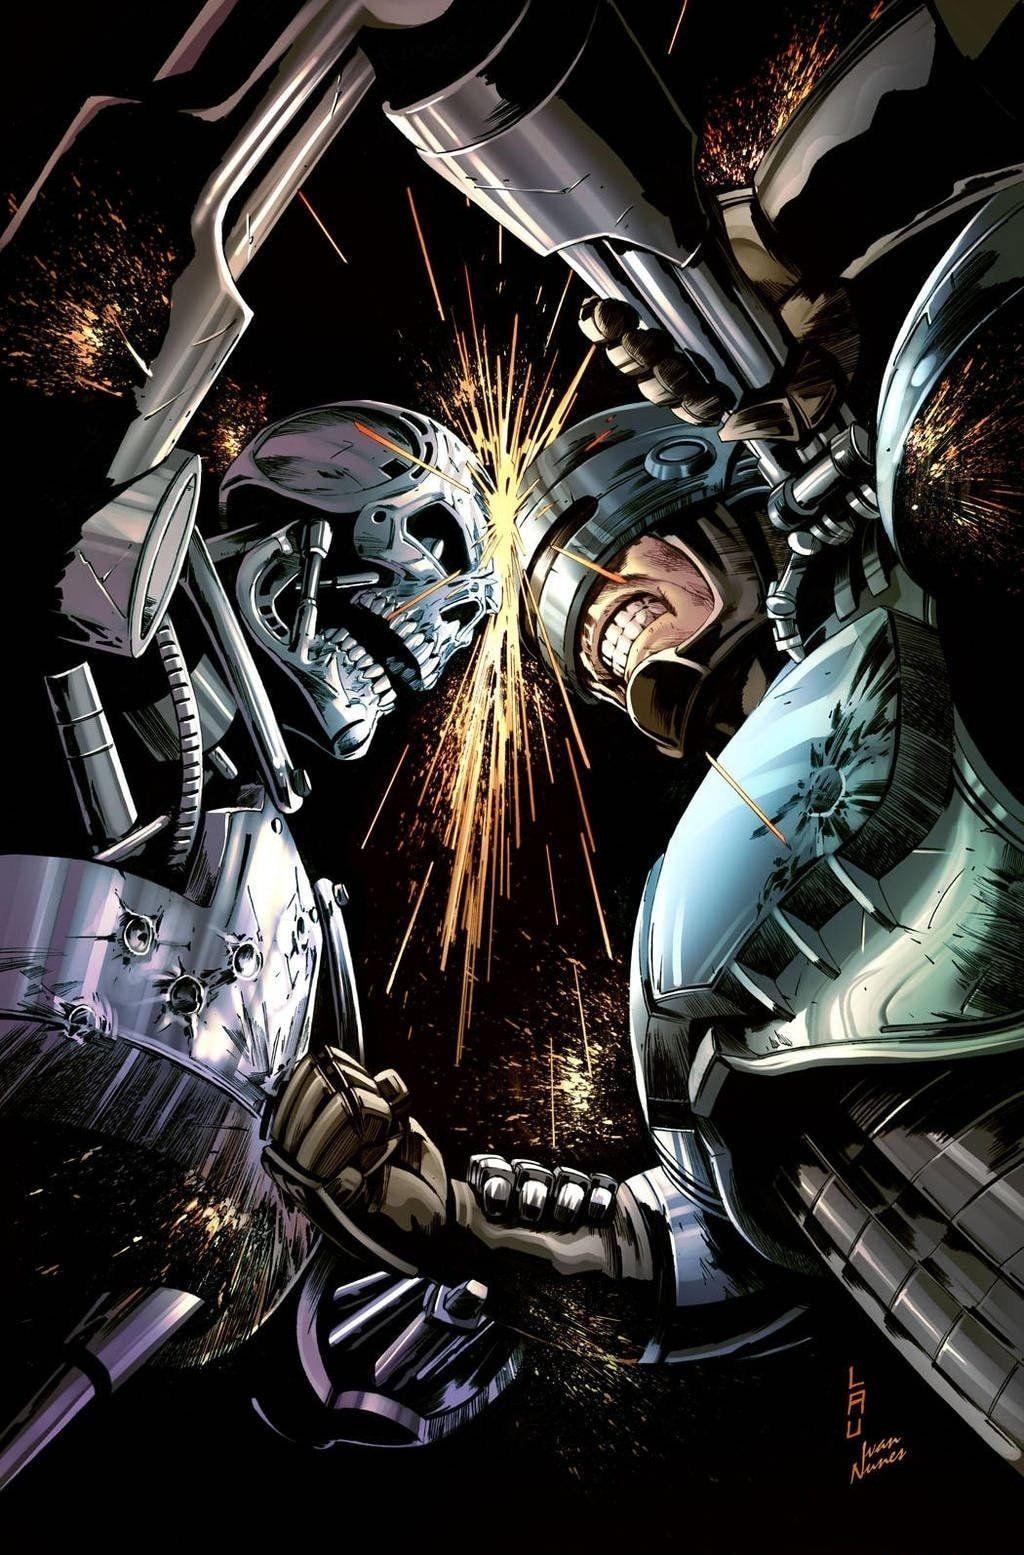 Robocop Vs Terminator Terminator Robocop Terminator Movies